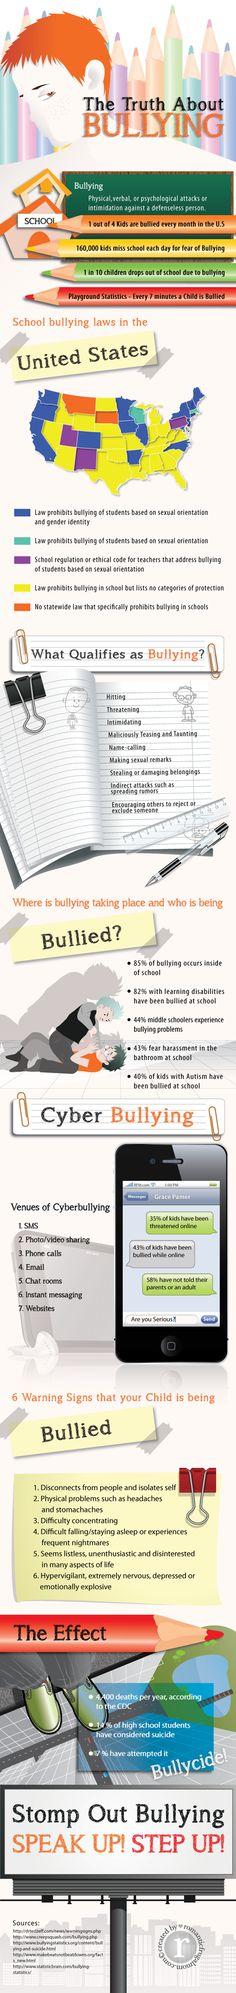 Se le llama abuso en las escuelas o bullying a los ataques o intimidaciones psicológicas, verbales o físicas contra a una persona indefensa. Esta situaci